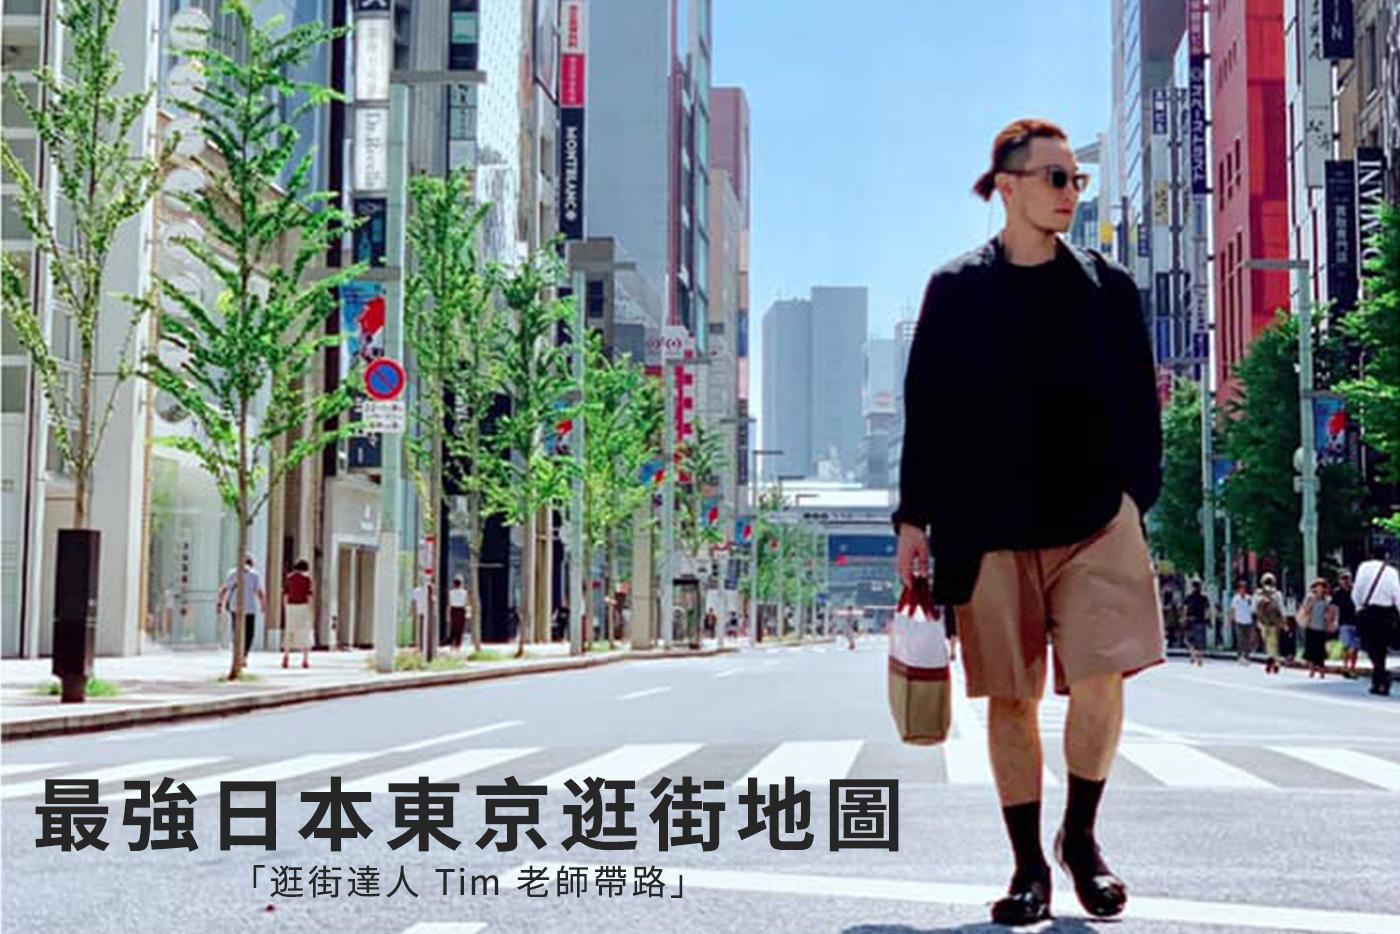 東京古著,東京服裝,東京逛街,日本逛街,東京逛街地圖,日本逛街地圖,東京逛街地點,東京逛街路線,銀座,中目黑,祐天寺,原宿,代官山,表參道,青山